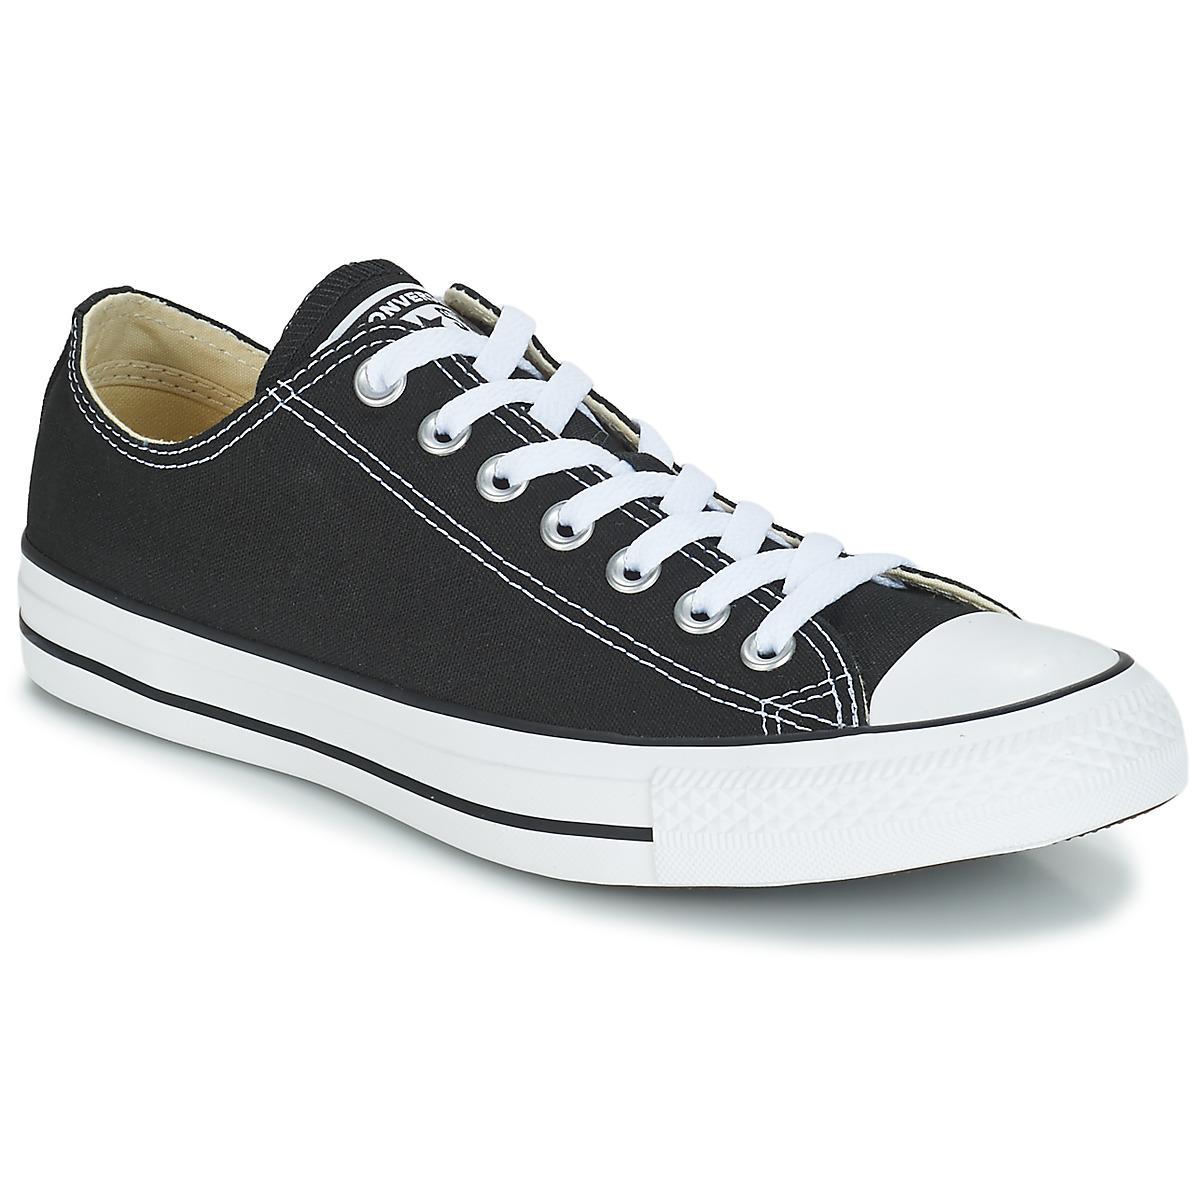 Bolsos Converse Envío Zapatos Textil Mujer Con Gratis 6nw8Tqz